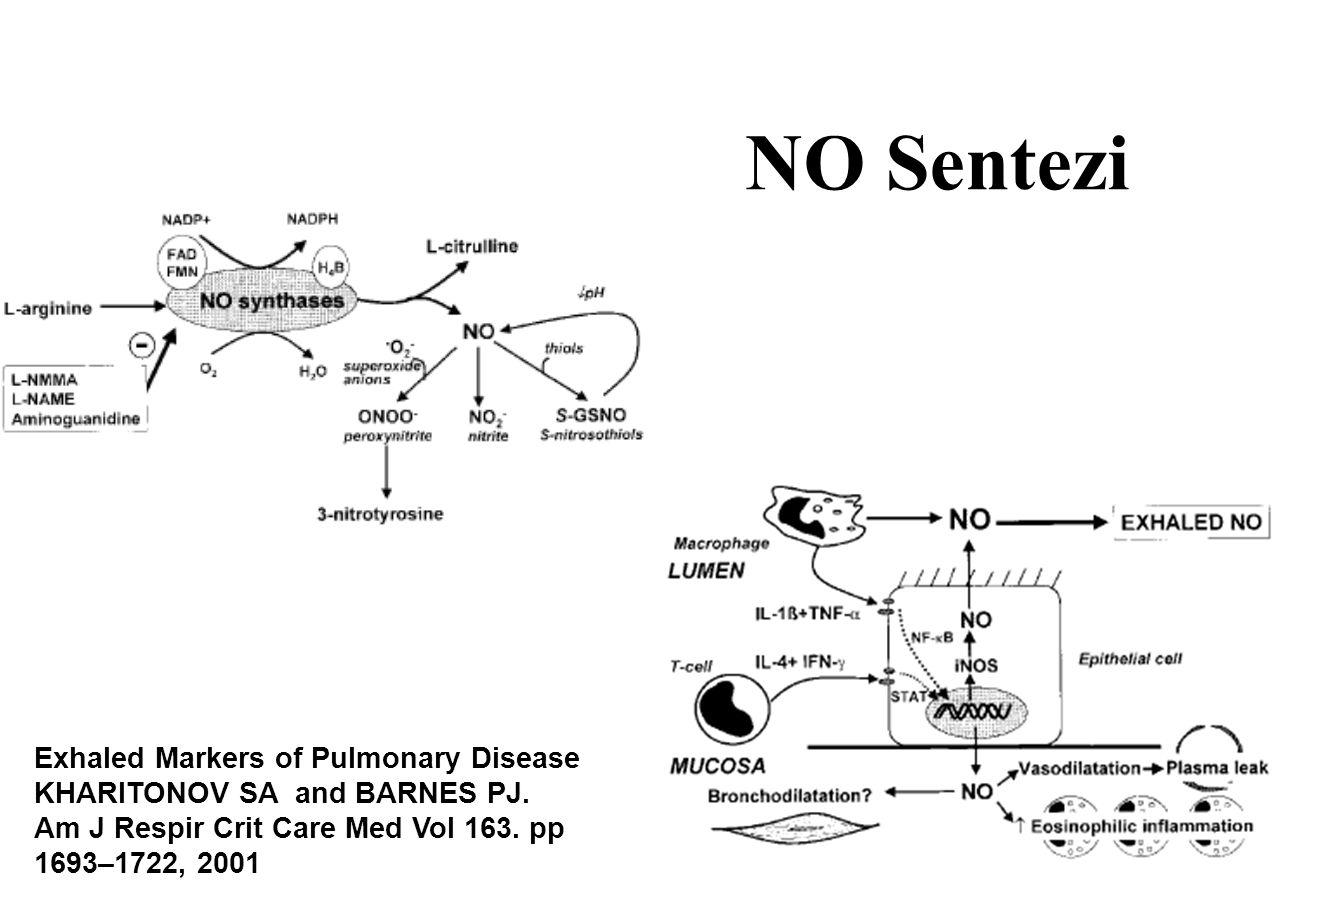 İnflamatuar barsak hastalıklarındaki (İBH) pulmoner tutulumun gösterilmesinde FENO'nun değeri 33 sigara içmeyen İBH (25 ülseratif kolit [UC] ve 8 Crohn hastalığı [CD]) - Kortikosteroid kullanmıyorlar ve 25 sağlıklı kontrol 15 hastada Pulmoner tutulum (%45.5) FENO pulmoner tutulum olanlarda 32 ± 20 ppb; tutulum olmayanlarda 14 ± 8 ppb ve sağlıklı kontrol grubunda 8 ppb (P < 0.05).